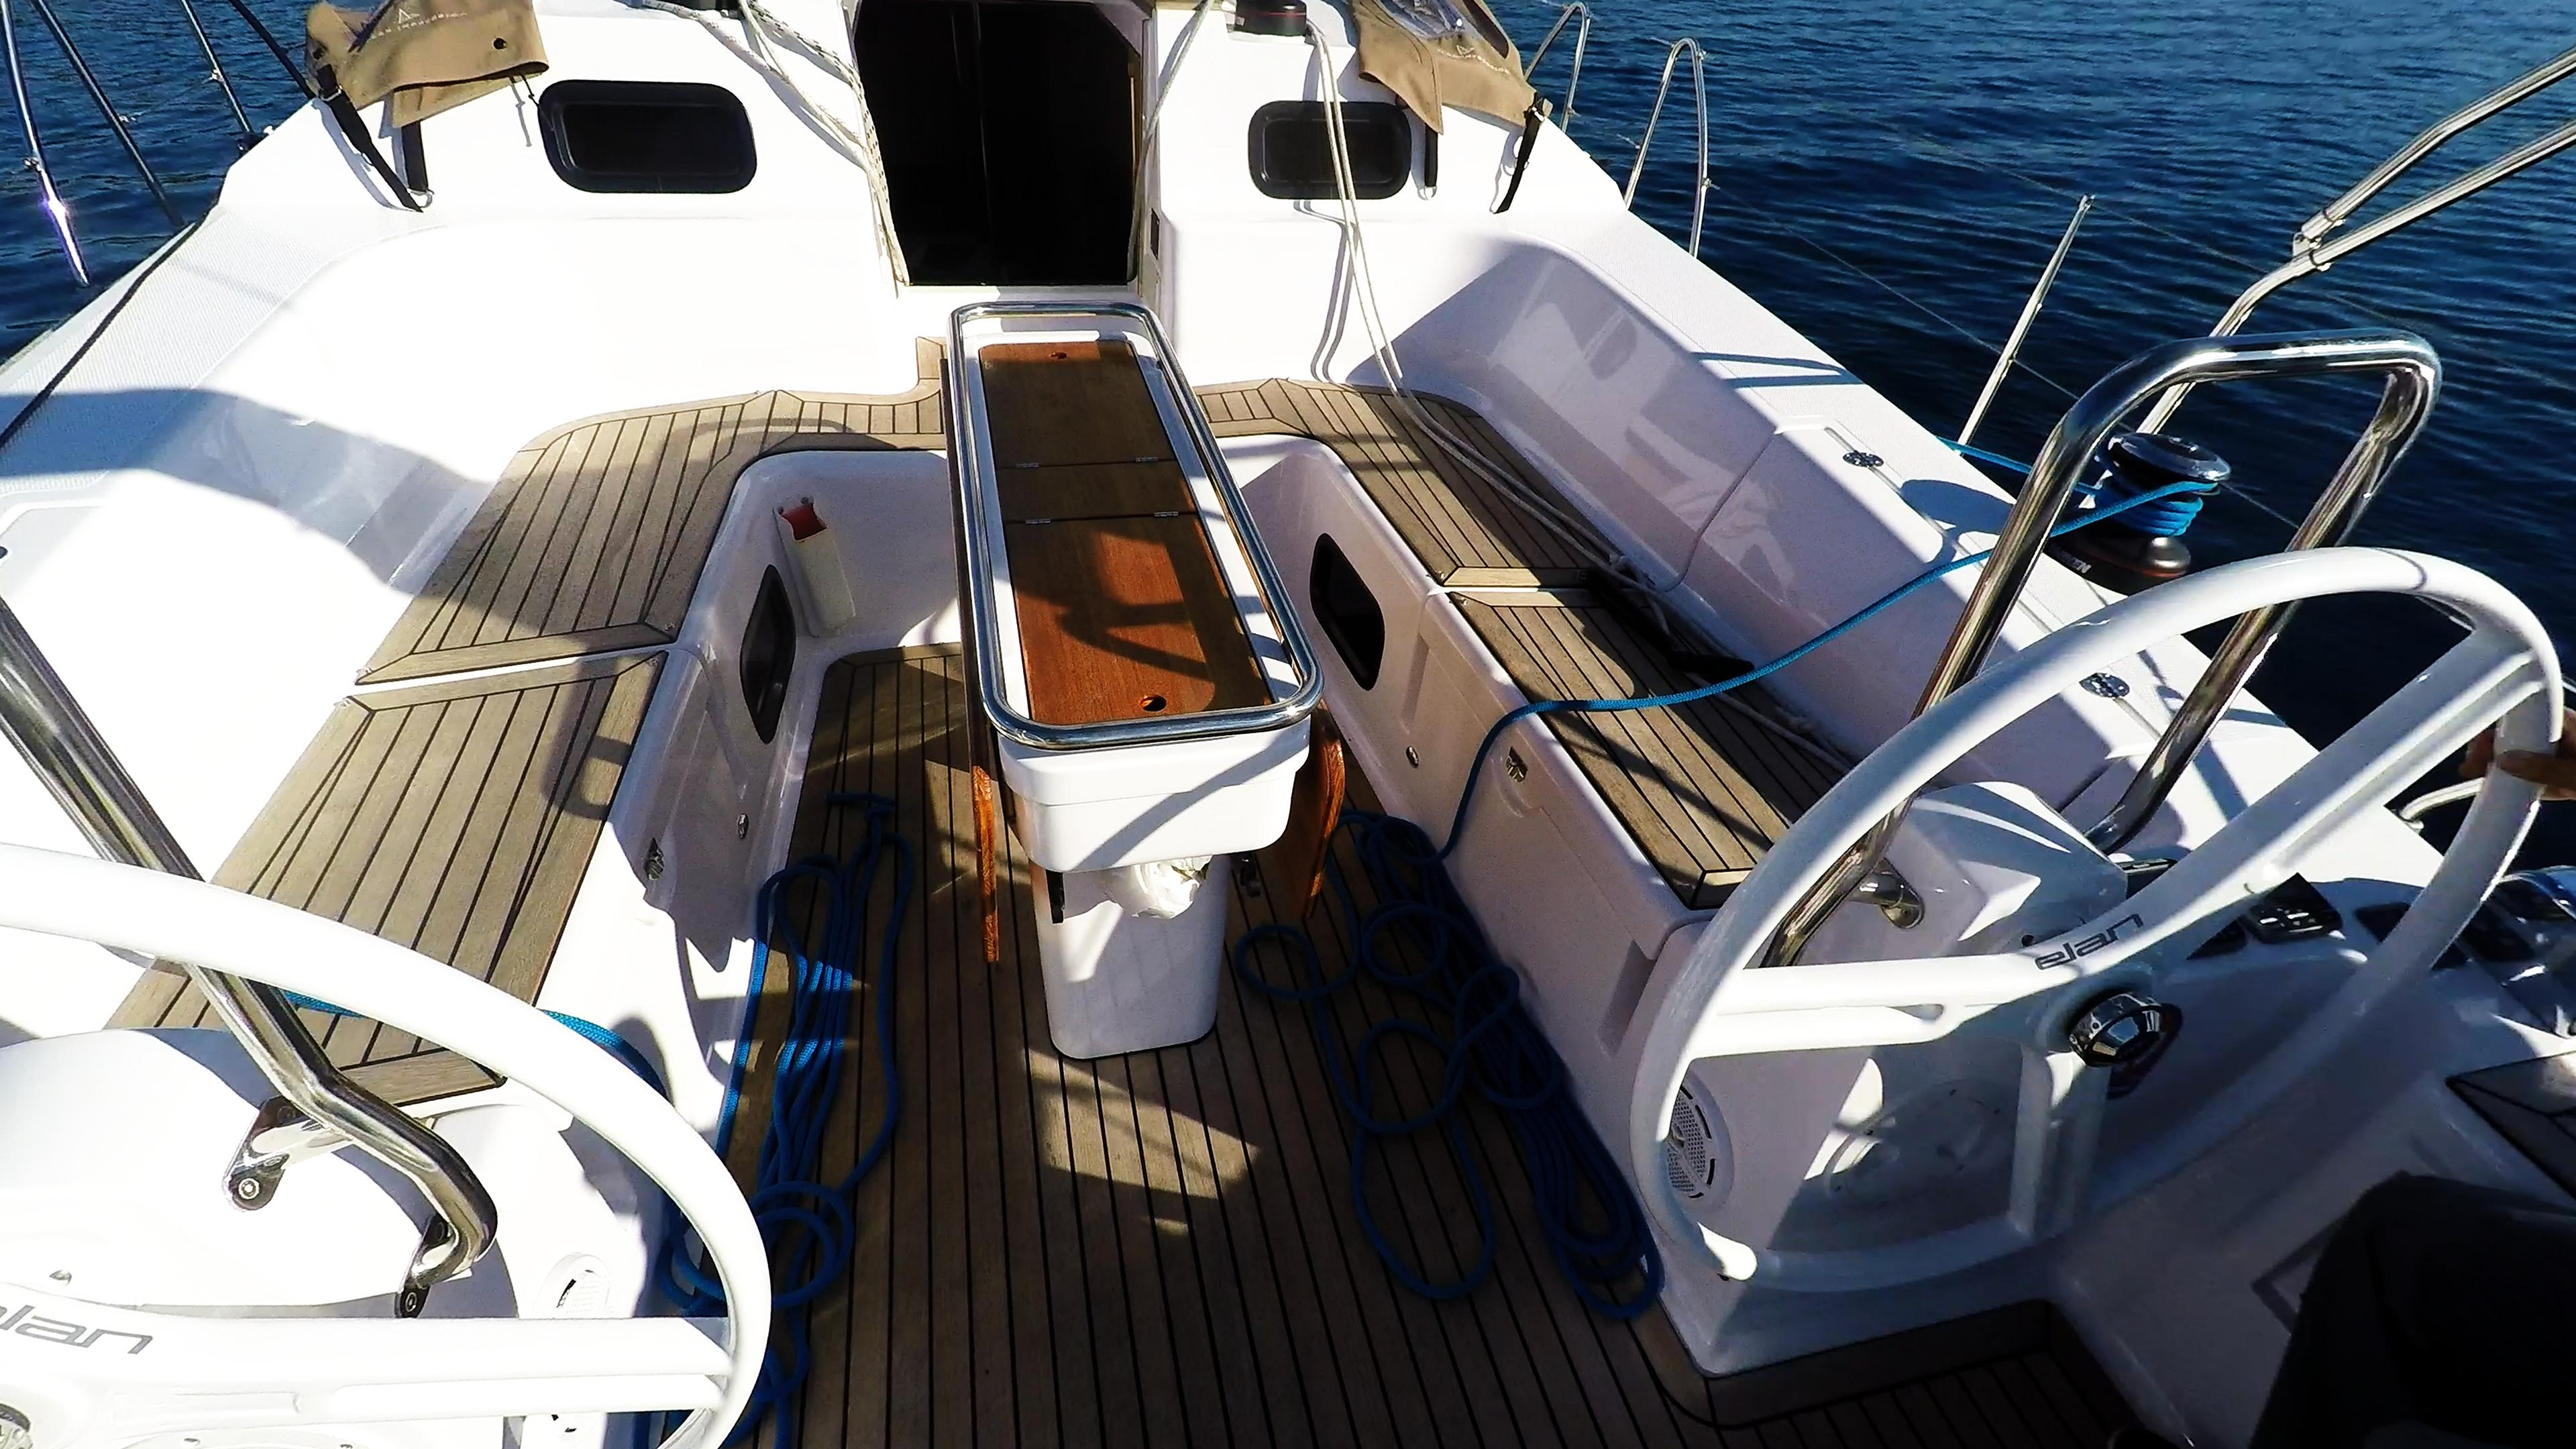 barcha a vela yacht a vela elan 45 impression doppie timoni ruota pozzetto